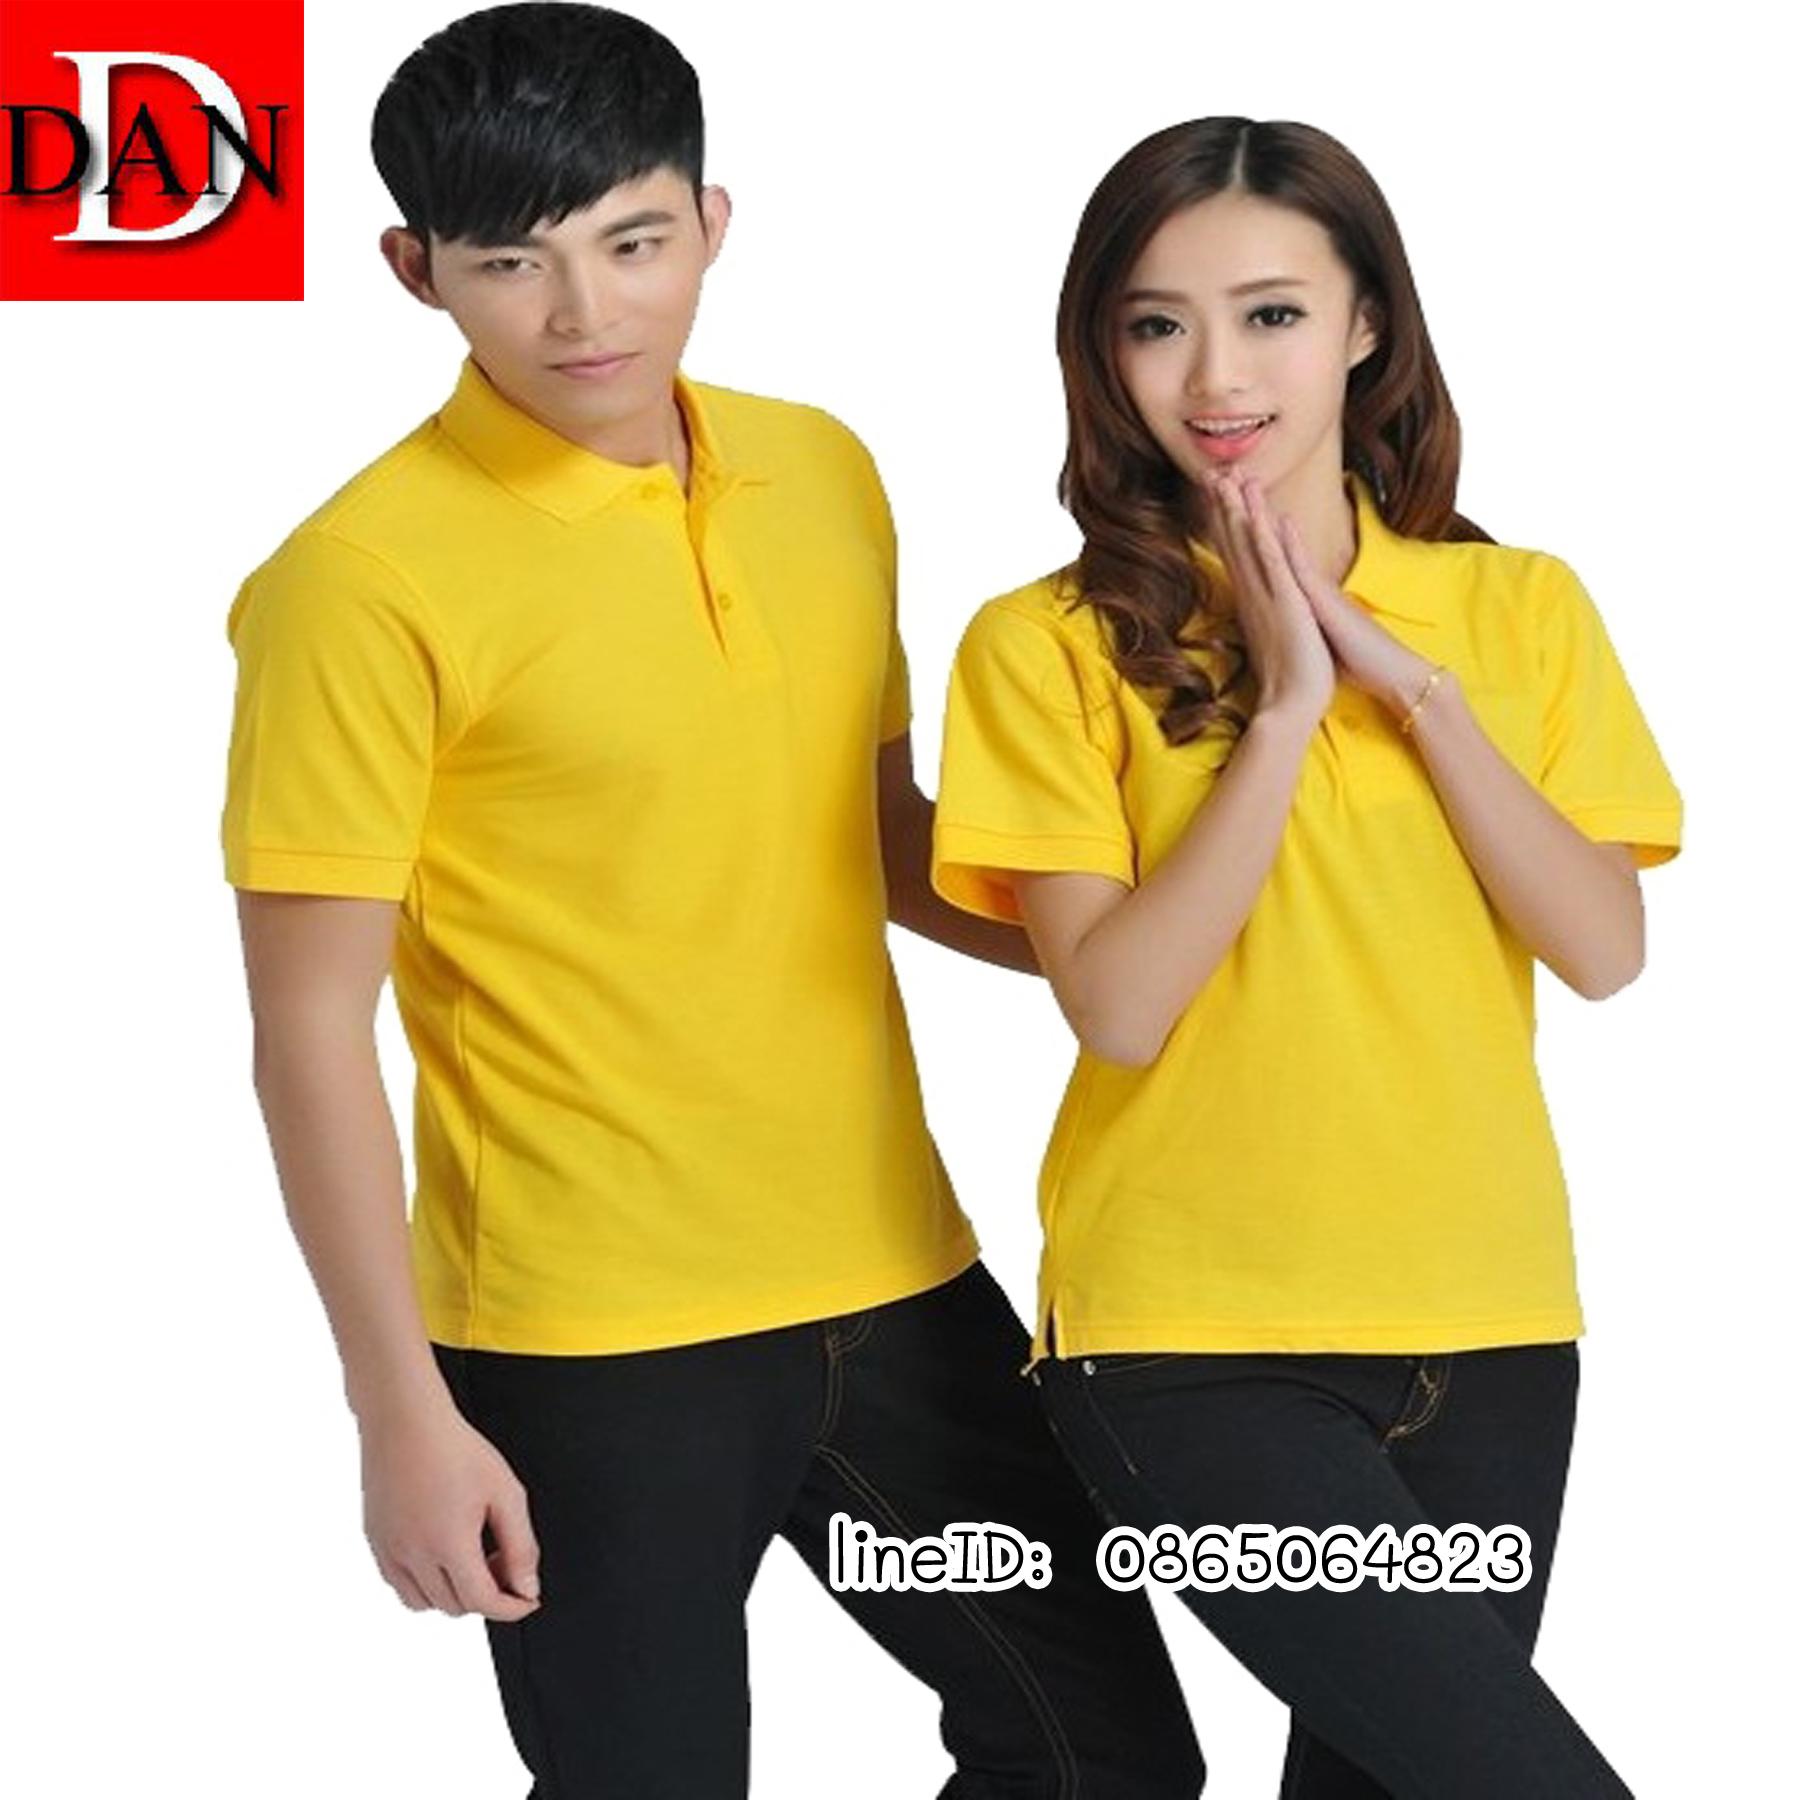 เสื้อโปโลจูติ TC สีเหลือง